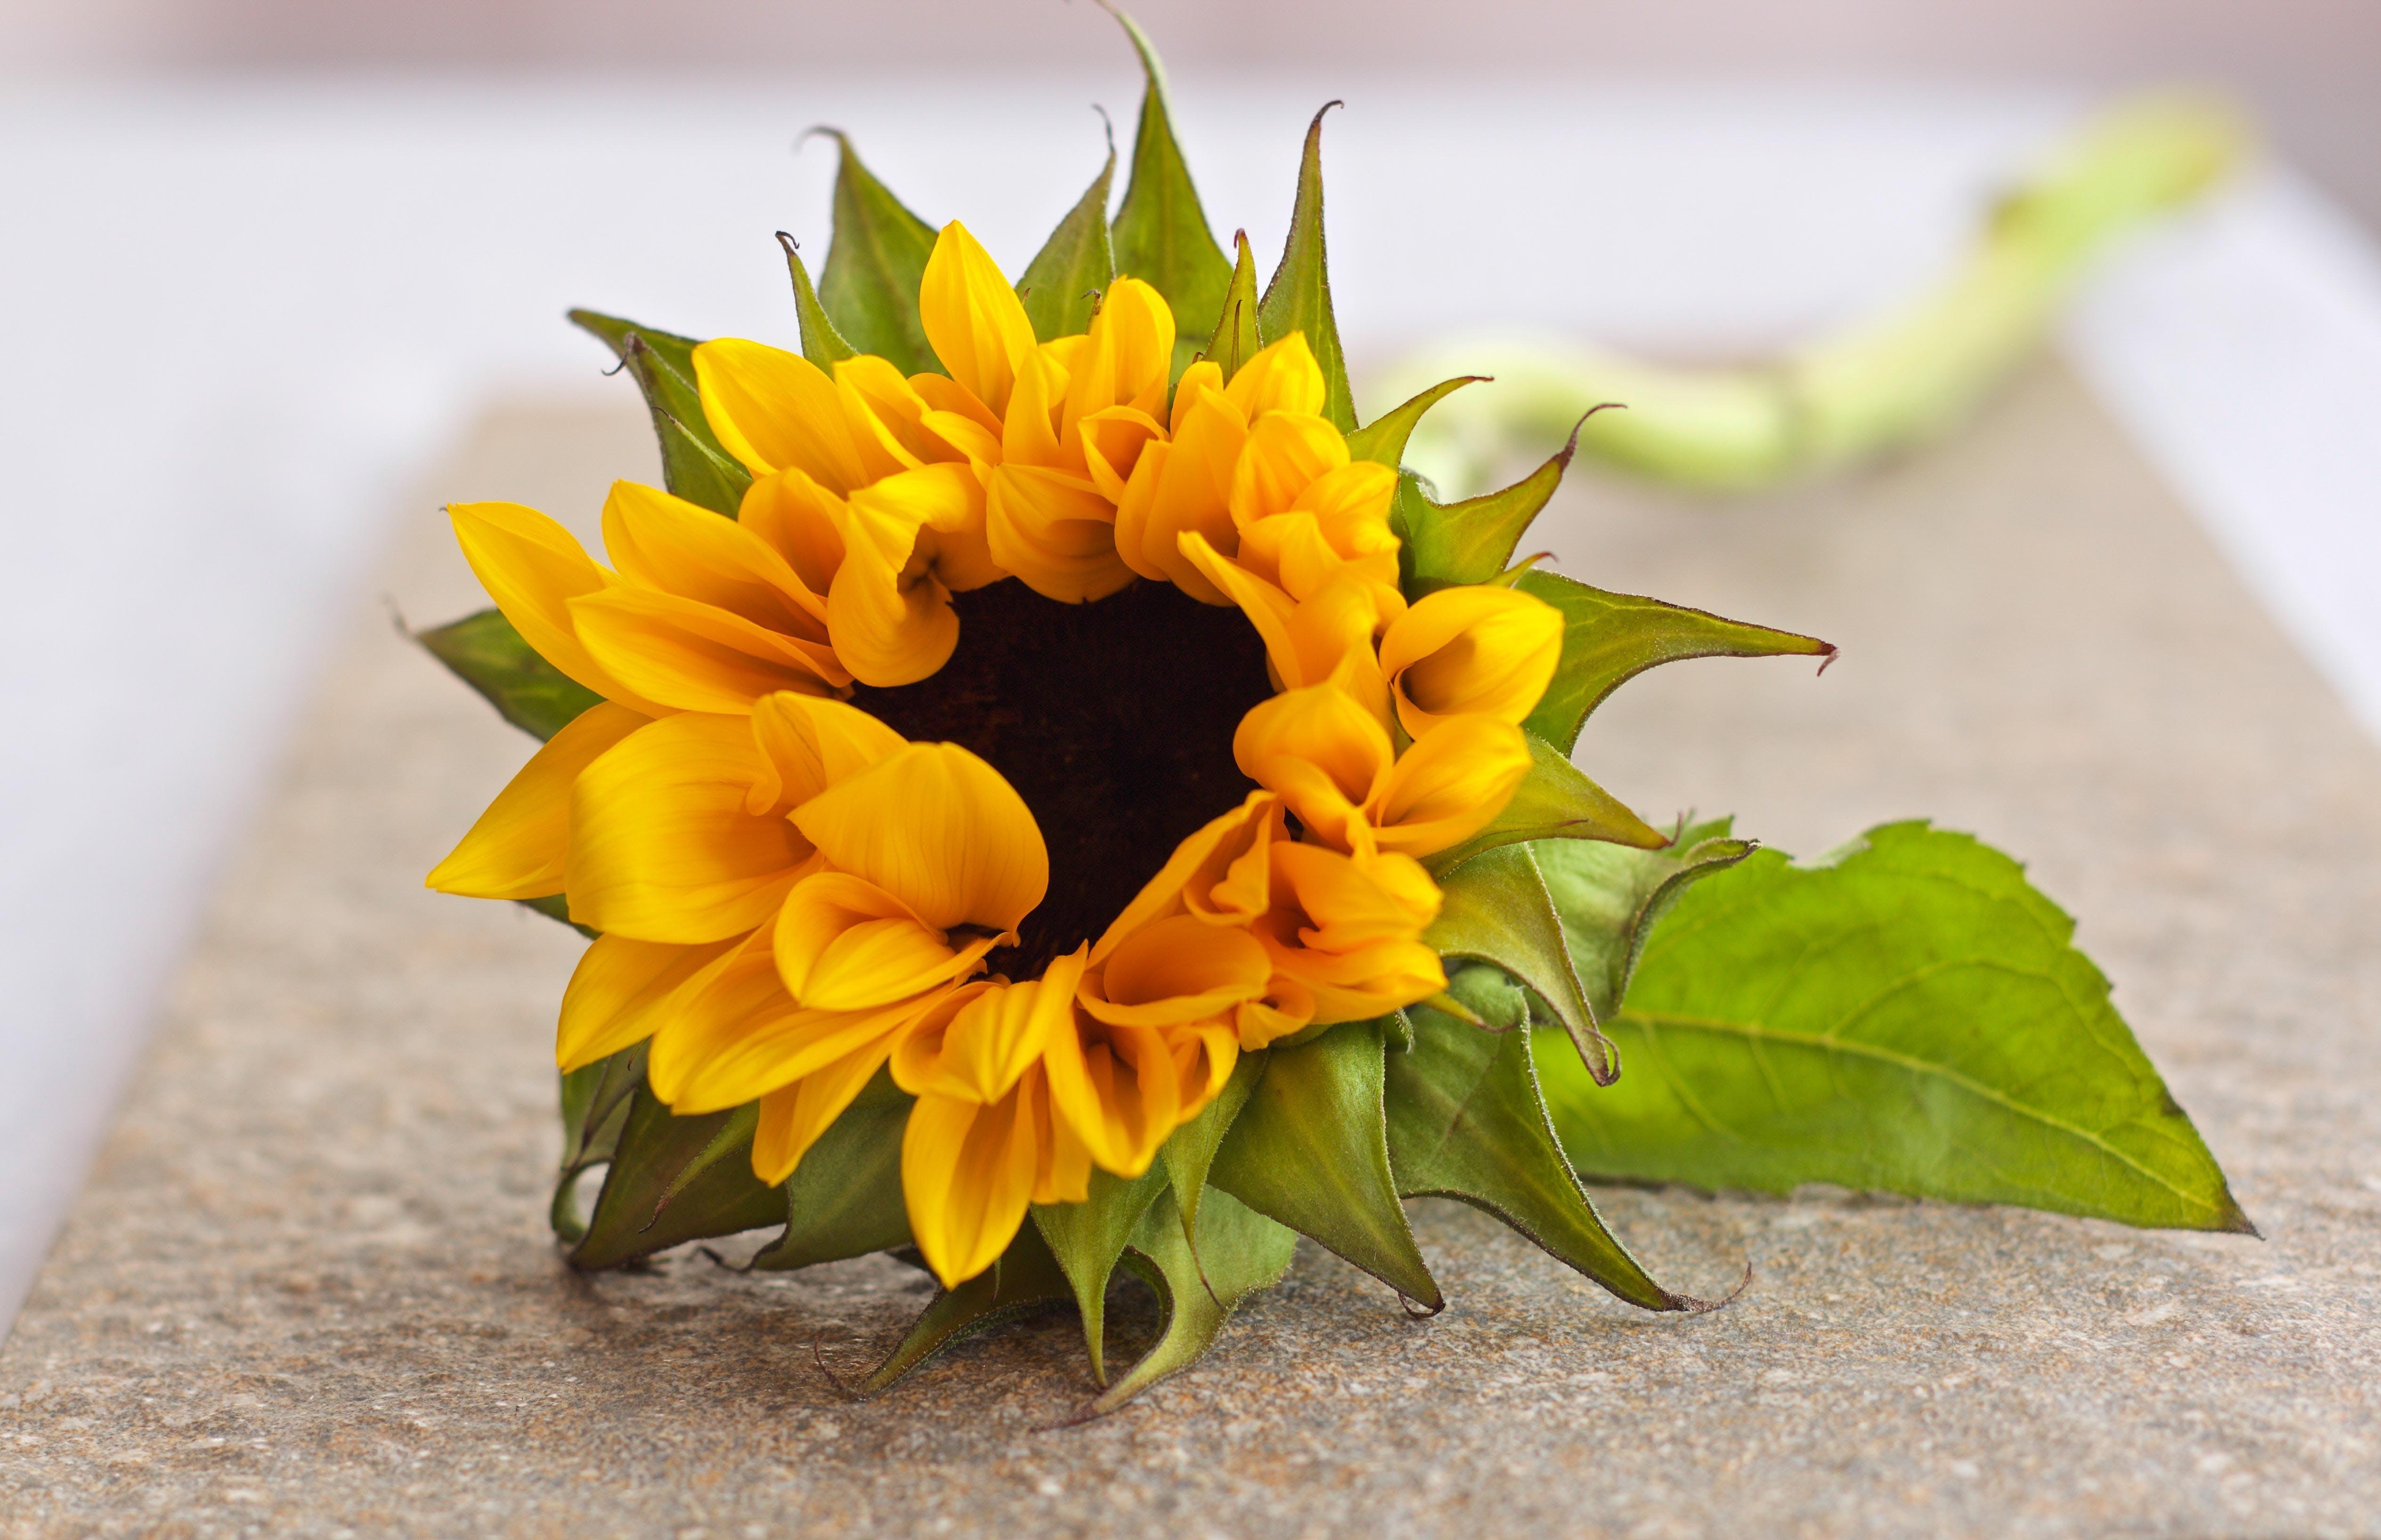 flower, petals, sunflower